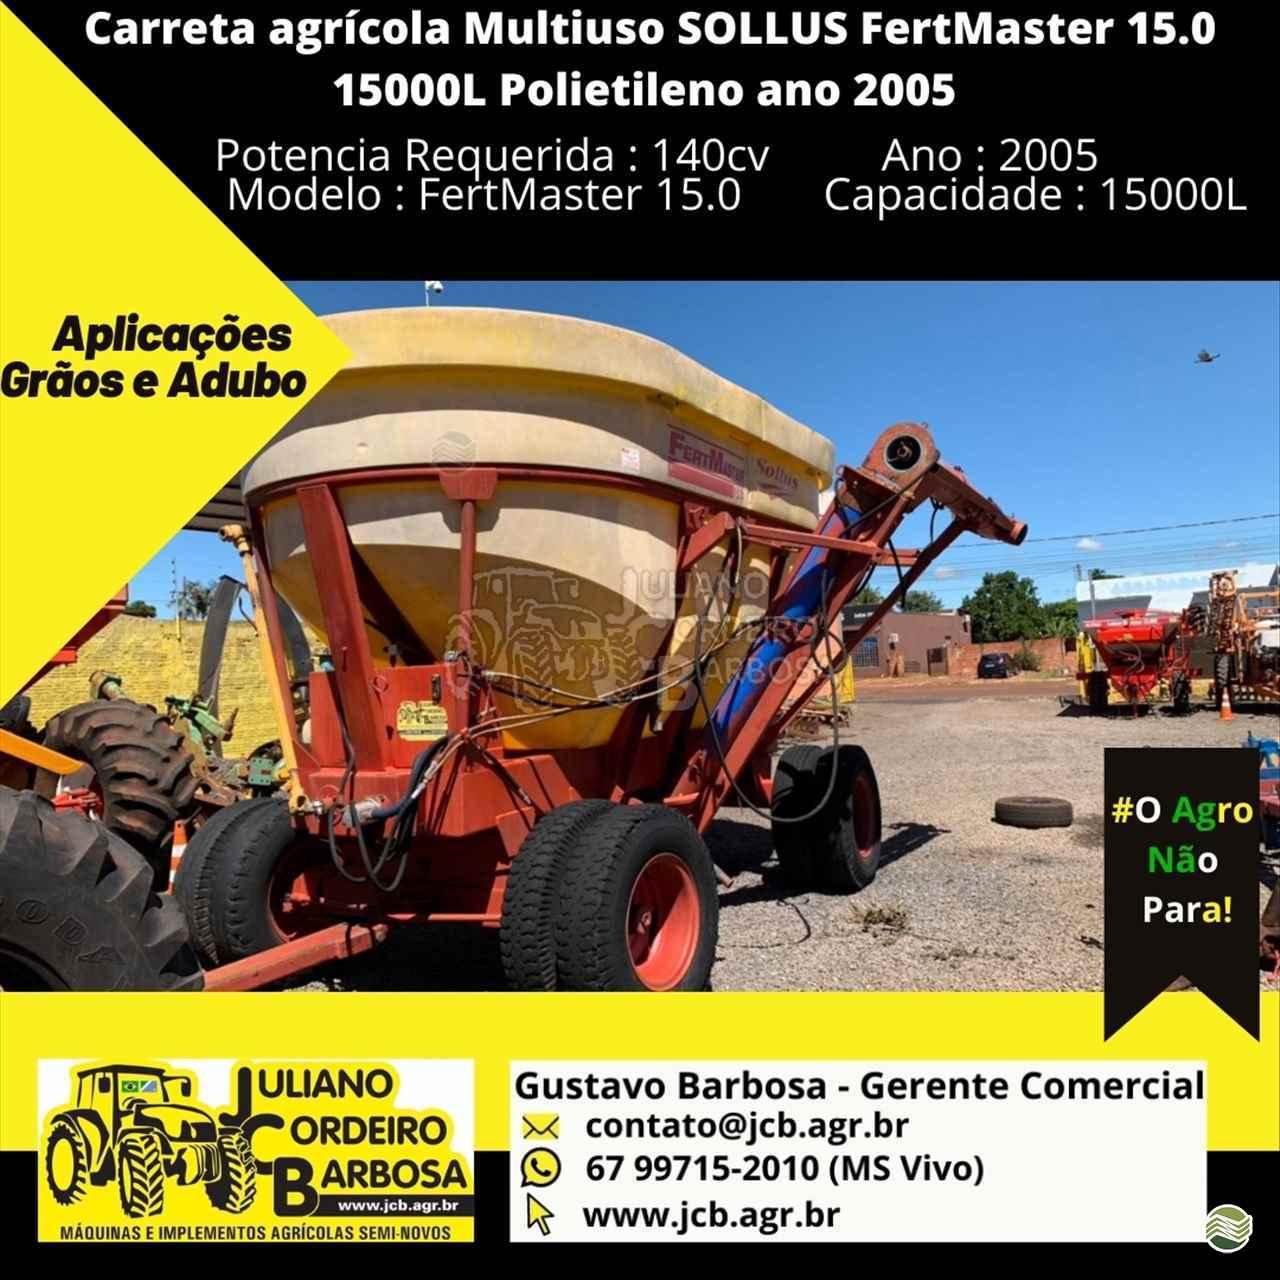 IMPLEMENTOS AGRICOLAS CARRETA BAZUKA GRANELEIRA 15000 JCB Máquinas e Implementos Agrícolas MARACAJU MATO GROSSO DO SUL MS